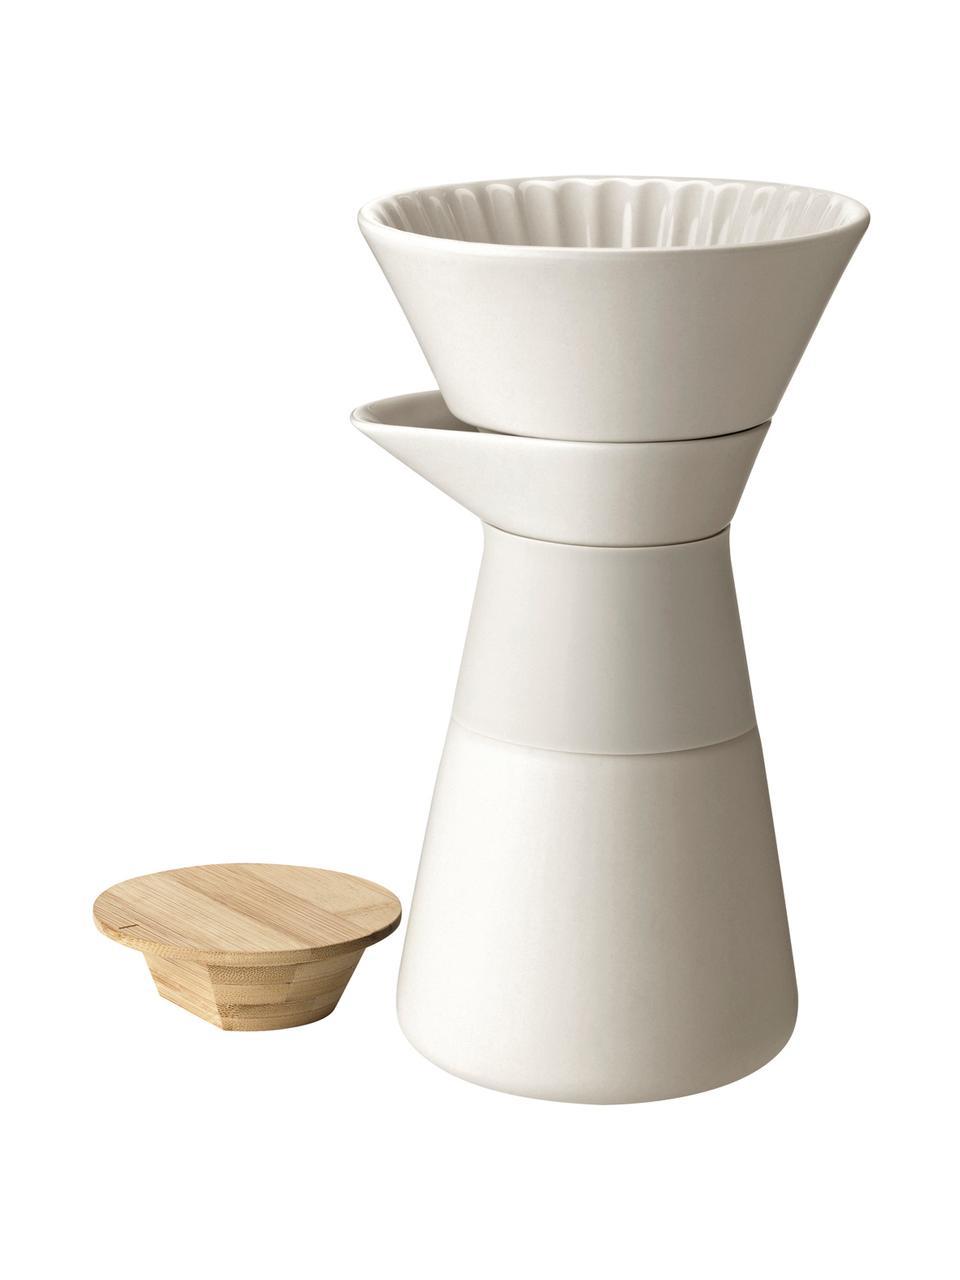 Kaffeebereiter Theo in Creme matt, Deckel: Bambusholz, Griff: Wärmeisolierendes Silikon, Creme, 600 ml